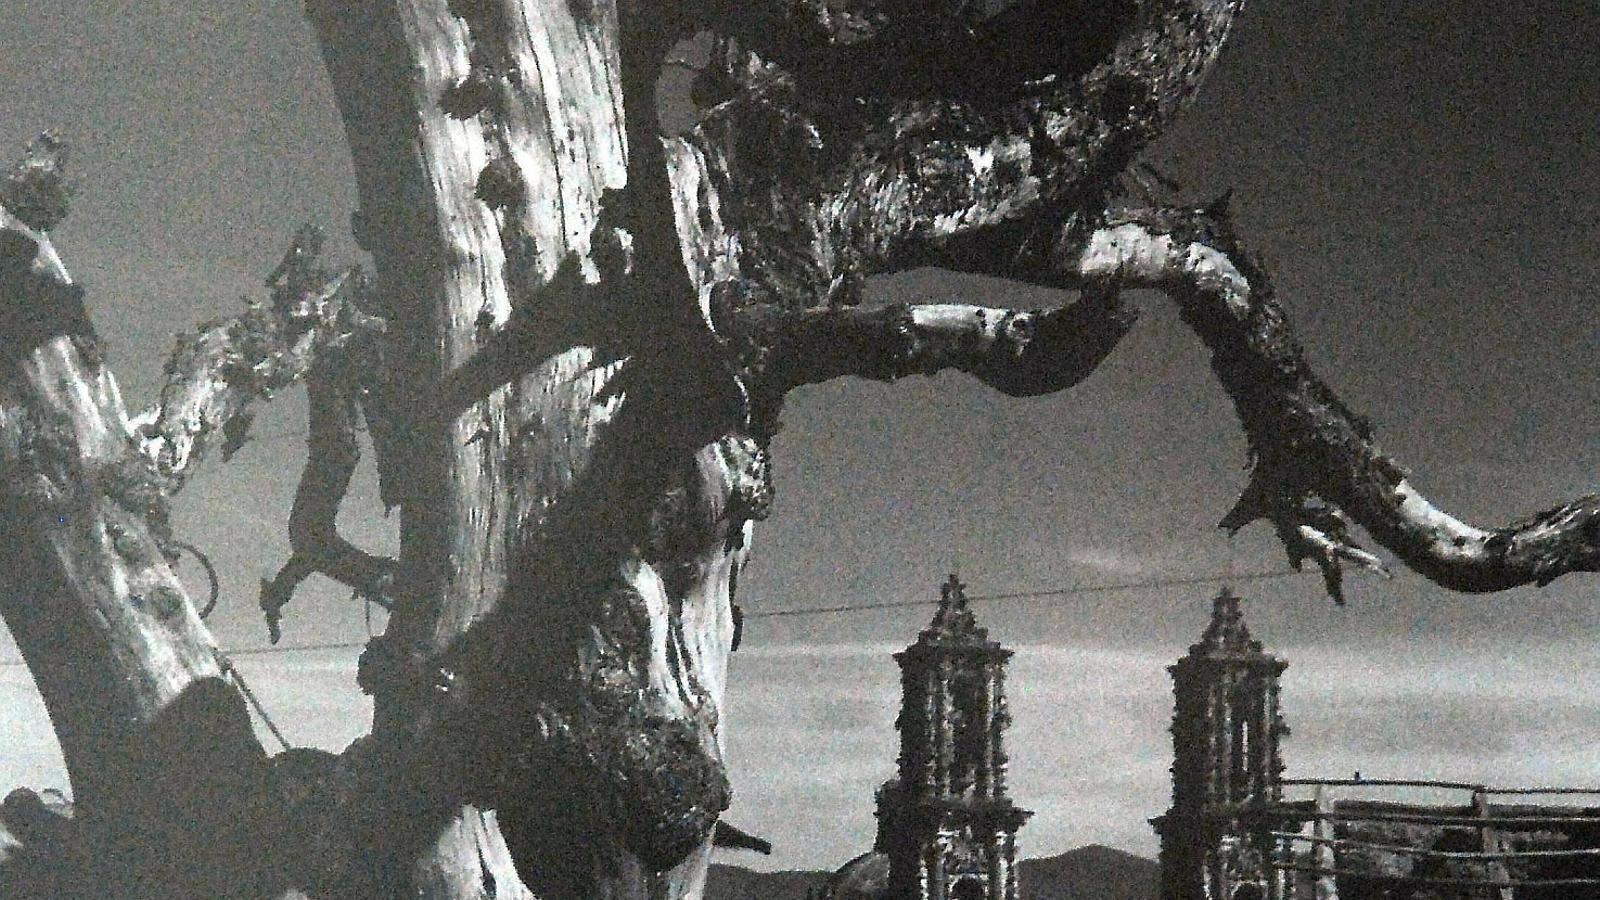 Fotografia realitzada per l'escriptor mexicà en una data indeterminada.